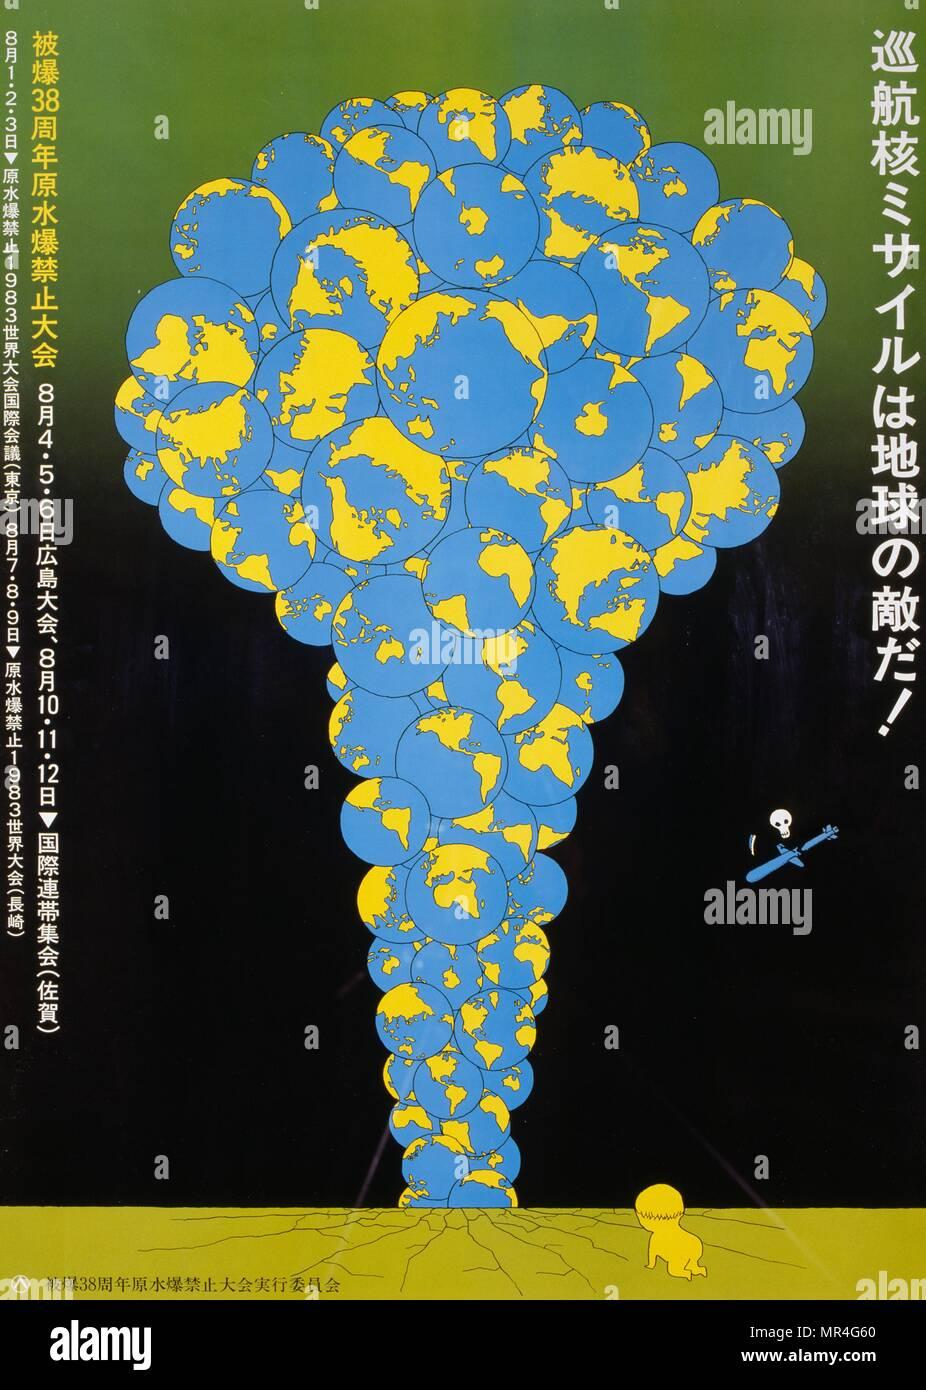 Pace giapponese poster della campagna durante la guerra fredda 1985 Immagini Stock